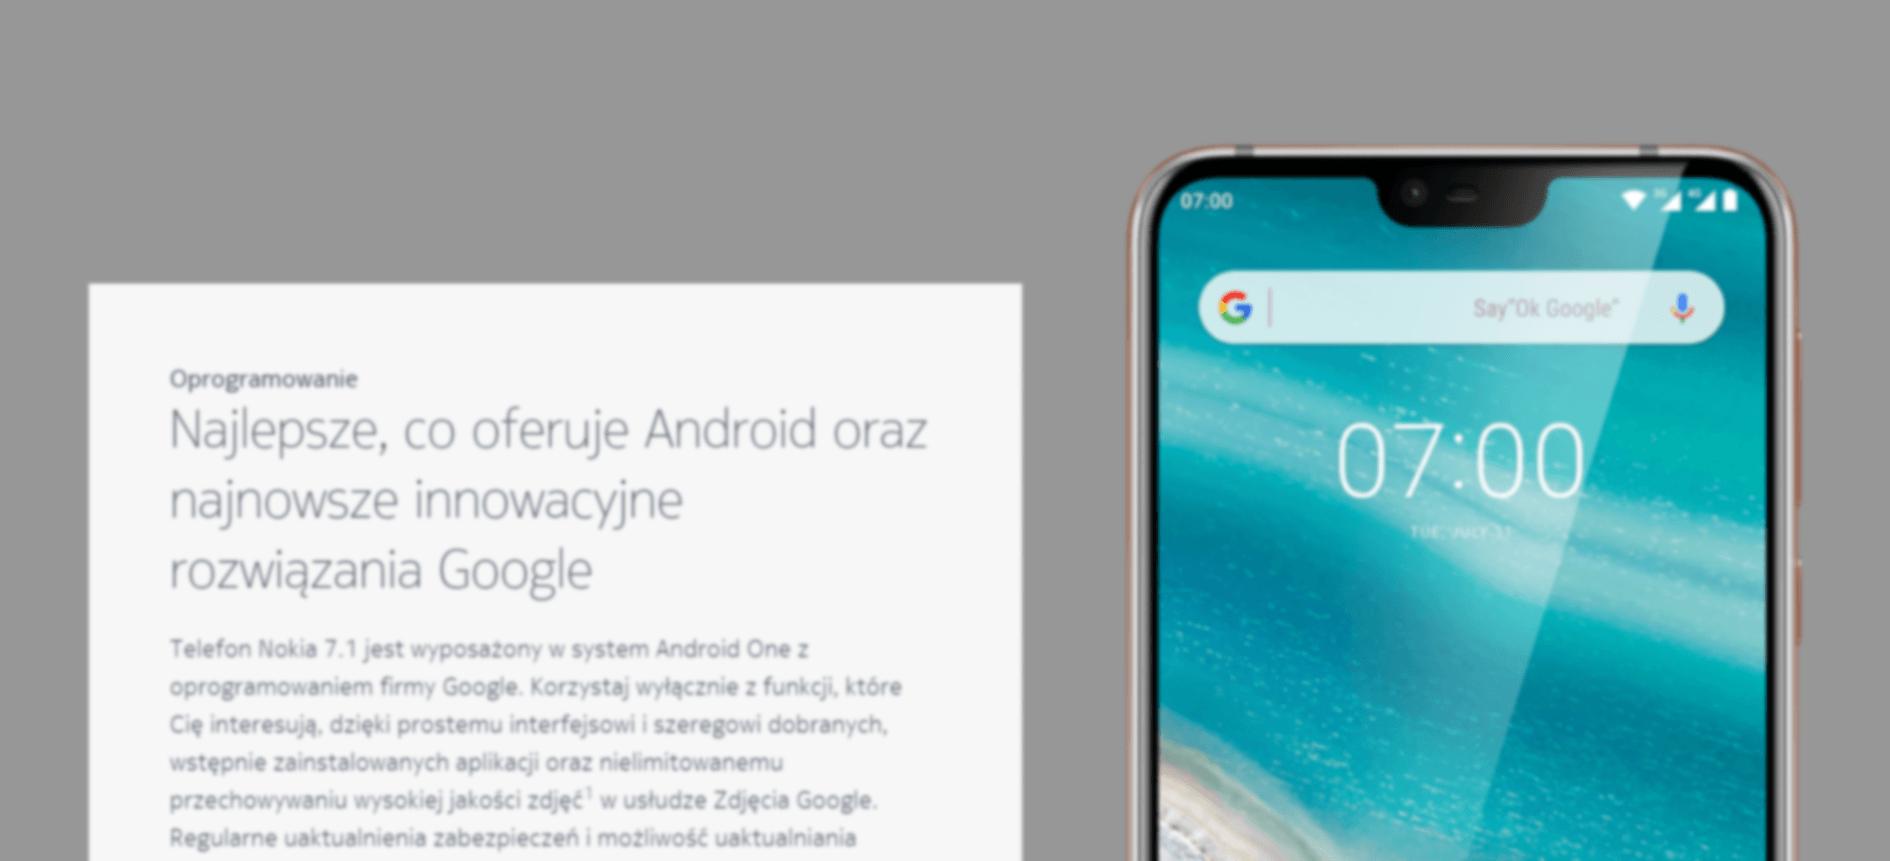 HMD Global ogłasza plan aktualizacji smartfonów Nokia do Androida 9.0 Pie